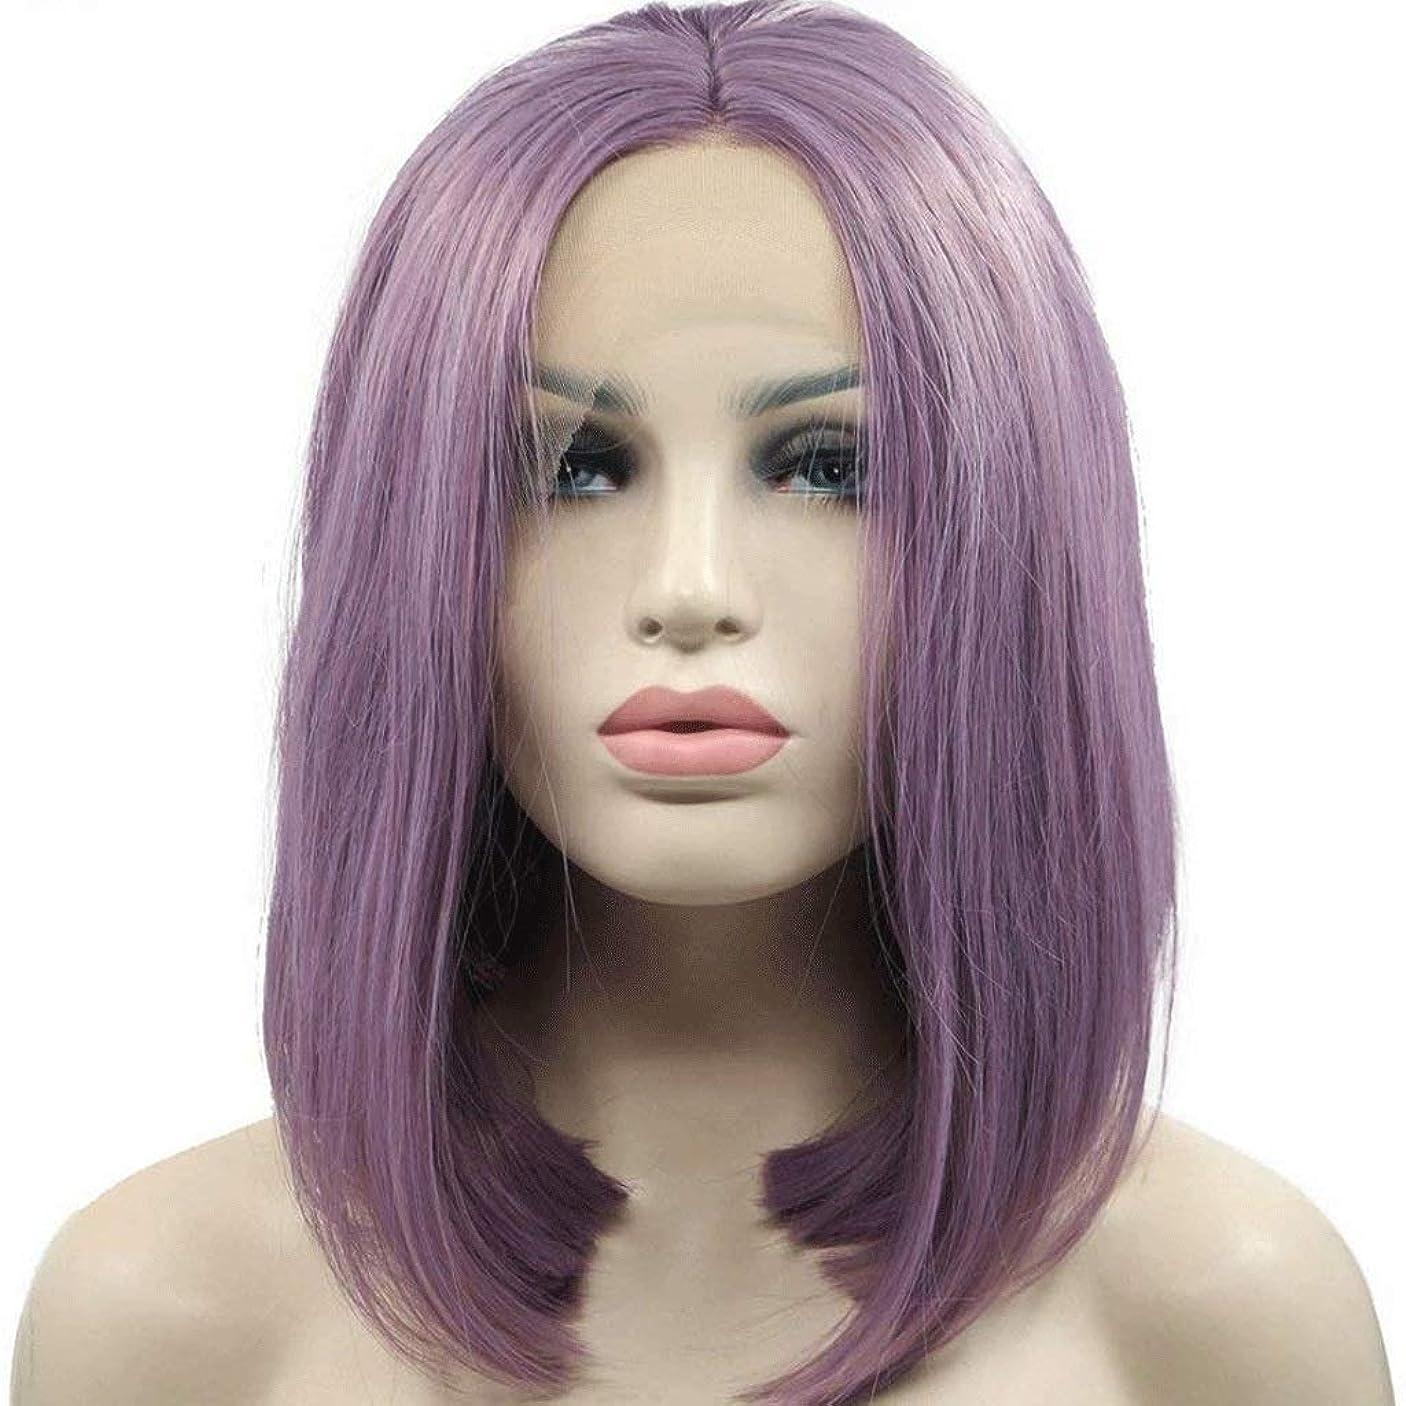 腹痛物思いにふけるサーバント紫色の短いボブストレートヘアかつら合成レースフロントかつら、女性のための耐熱中央別れCospalyパーティー14インチ (色 : Purple)